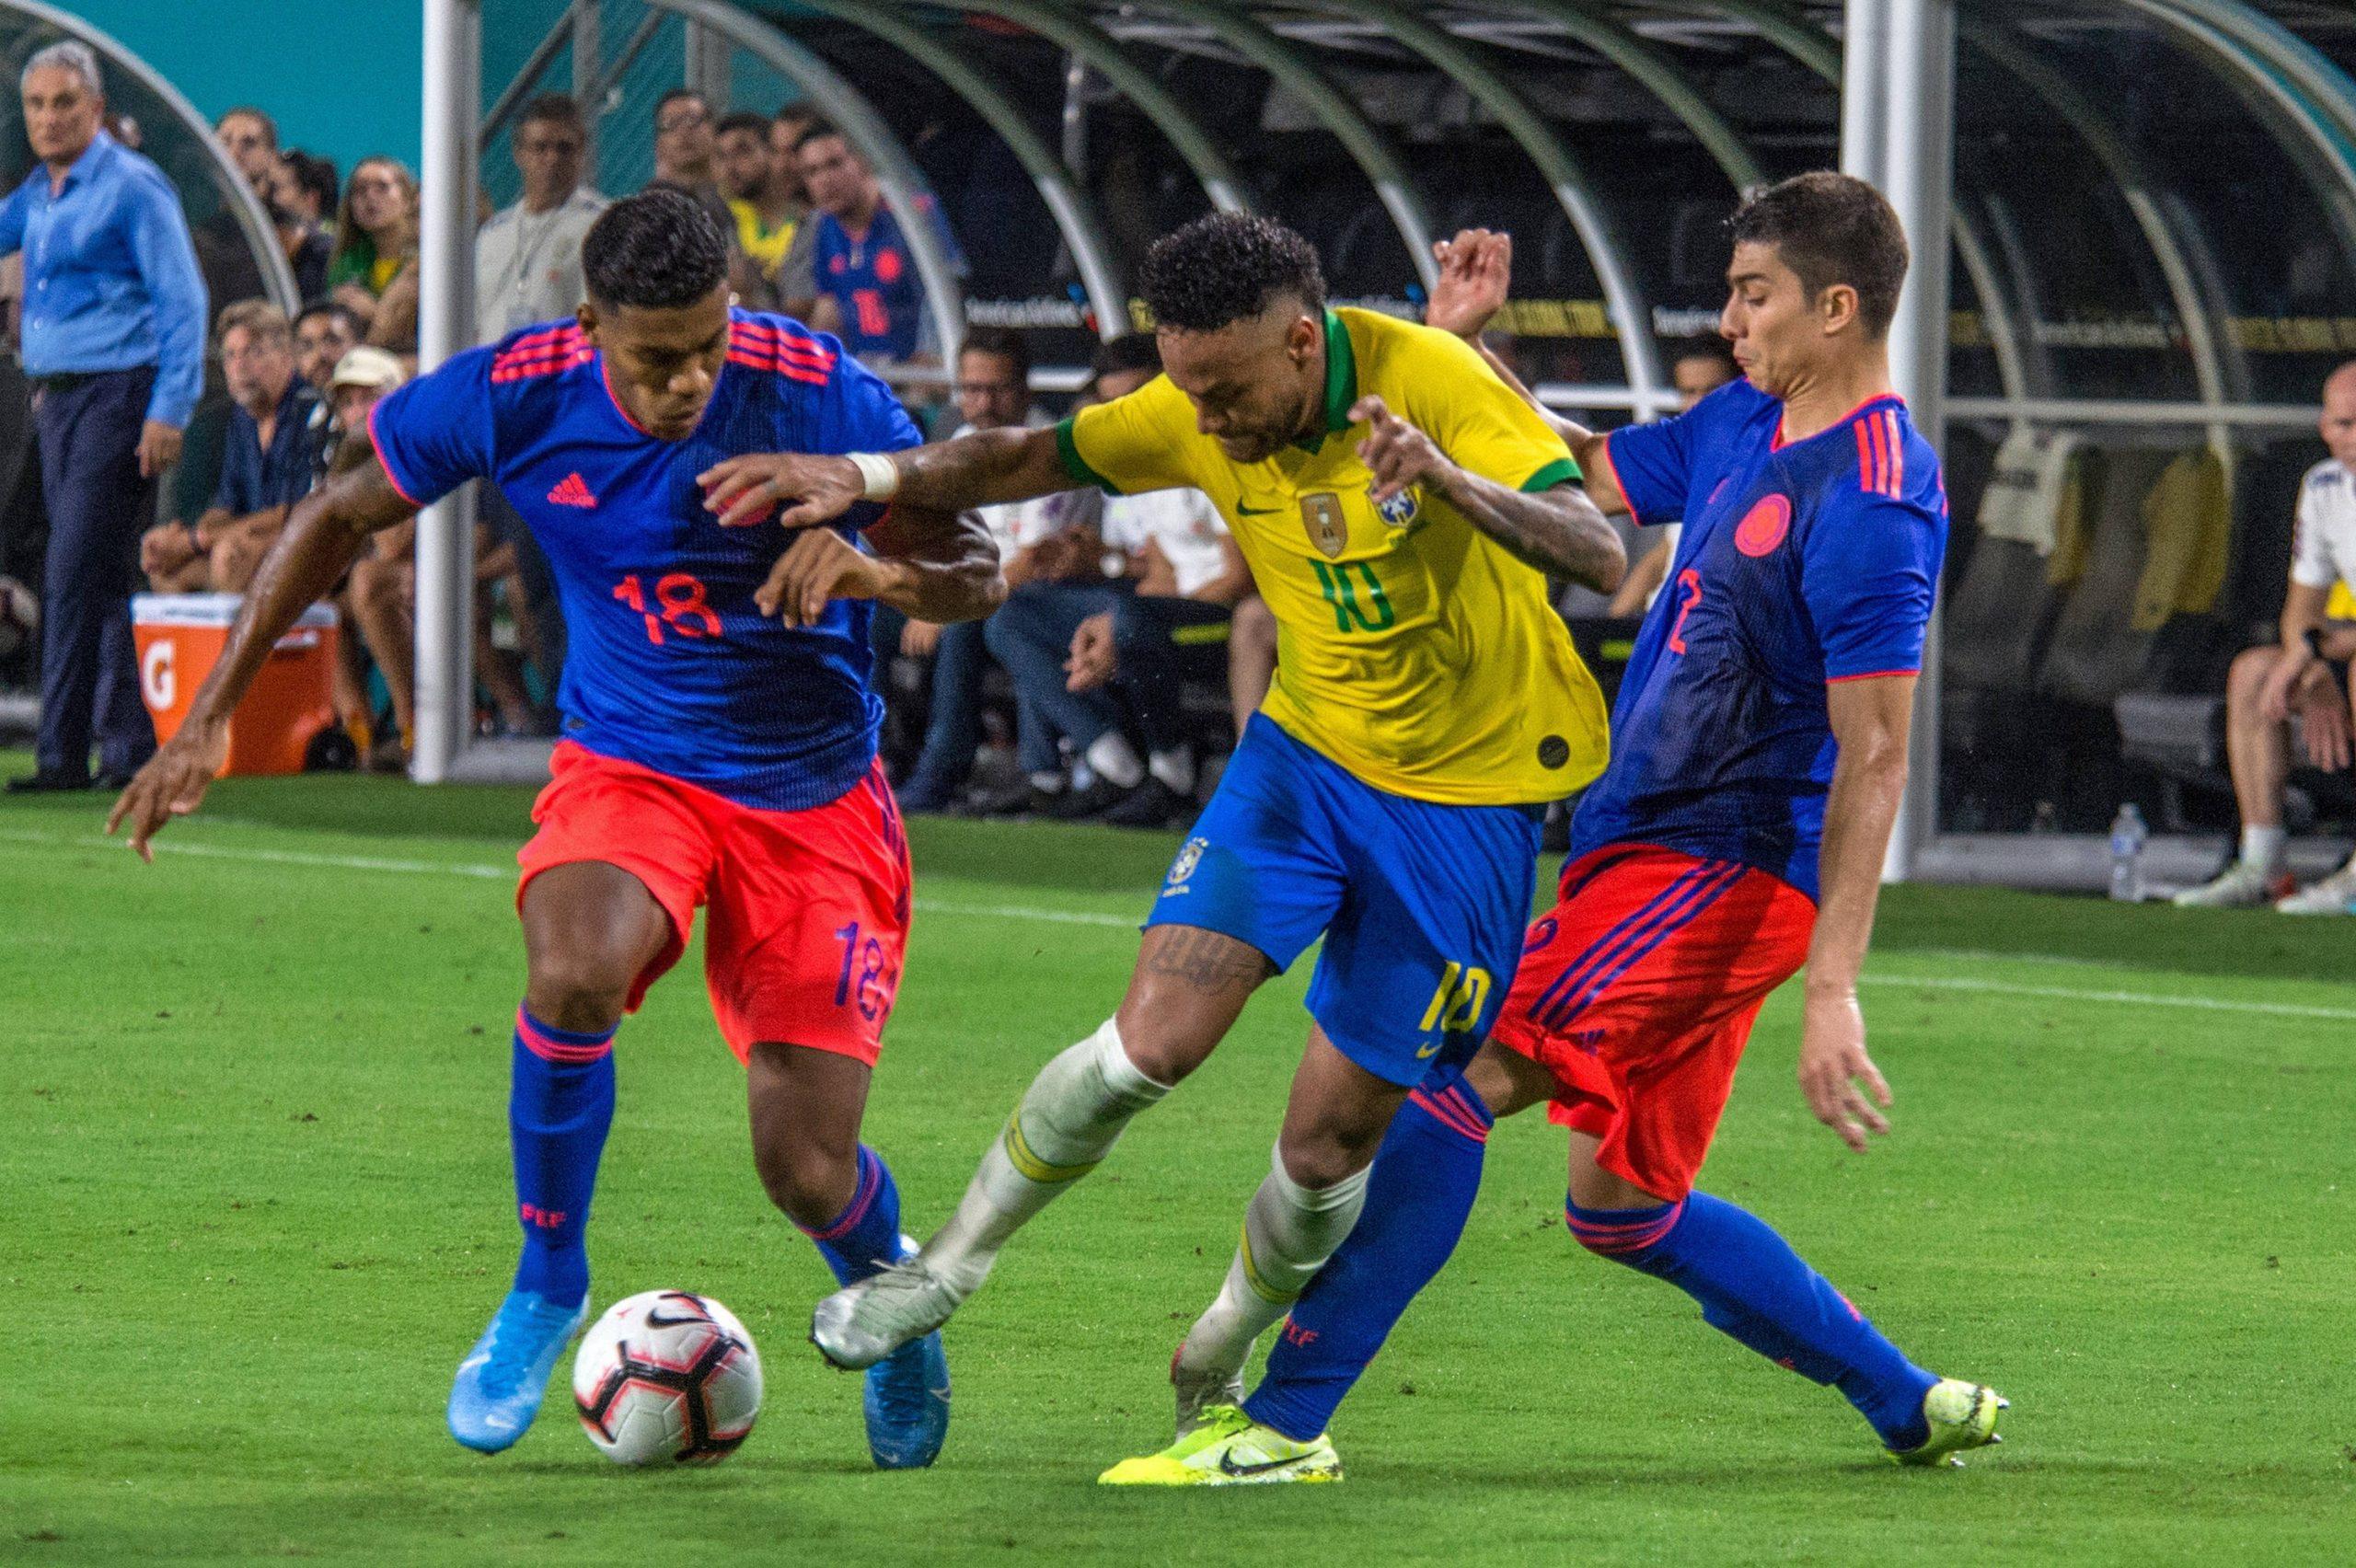 Gabriel Meluk opina sobre la decisión de Conmebol y Fifa de aplazar las eliminatorias a Catar 2022 - Fútbol Internacional - Deportes